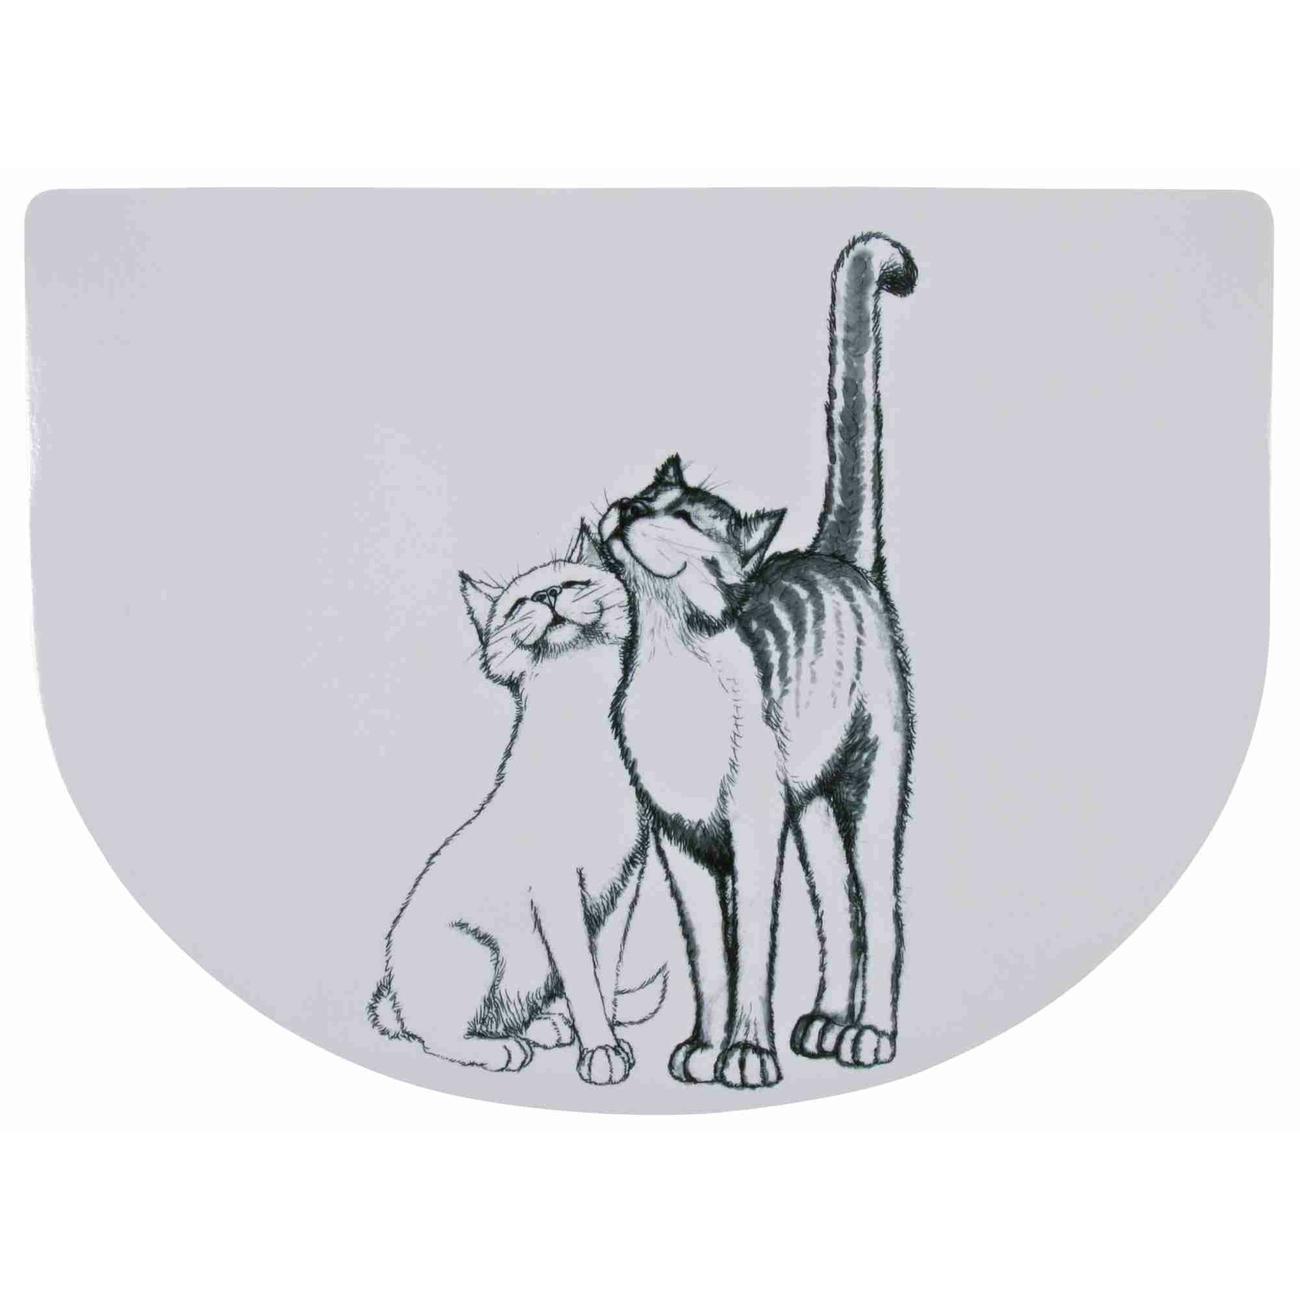 Napfunterlage Schmusekatzen Bild 1